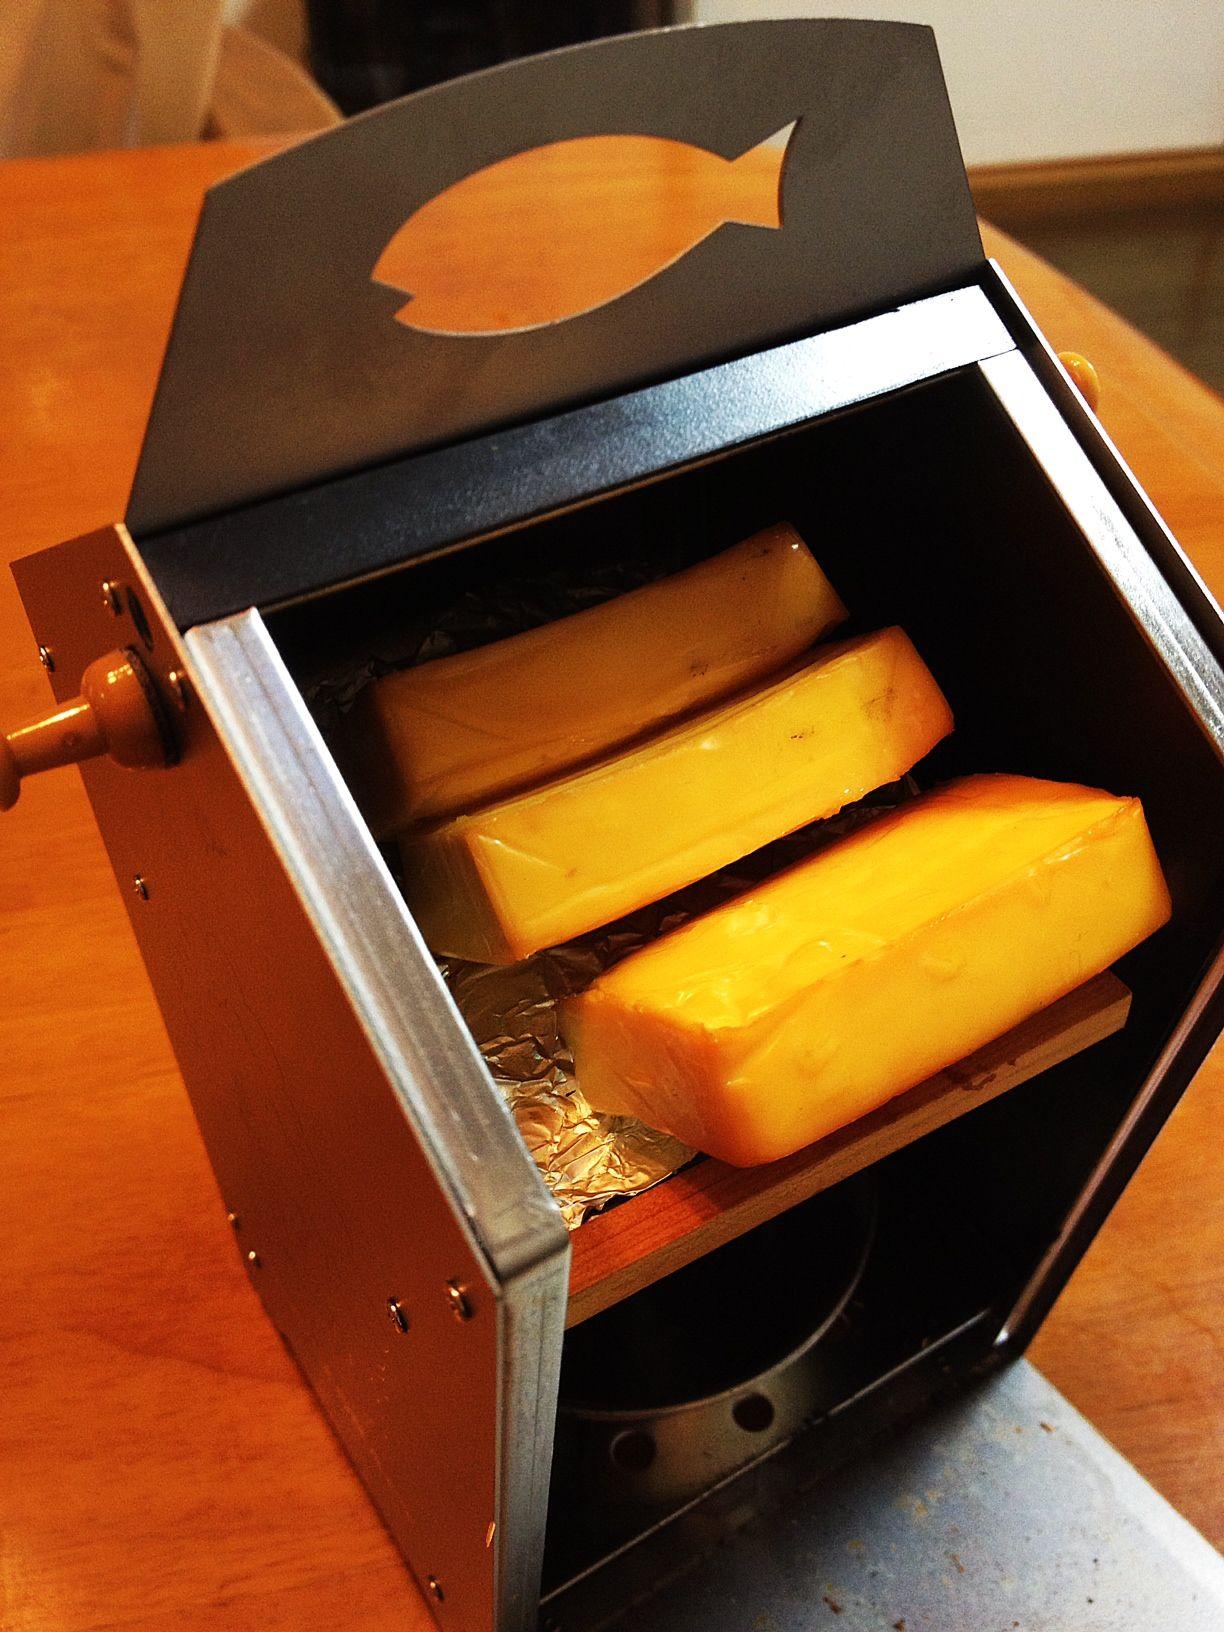 父の日のプレゼントにSDスモーカー1992を!手軽に燻製を作ろう。 Compact smoker SD smoker 1992